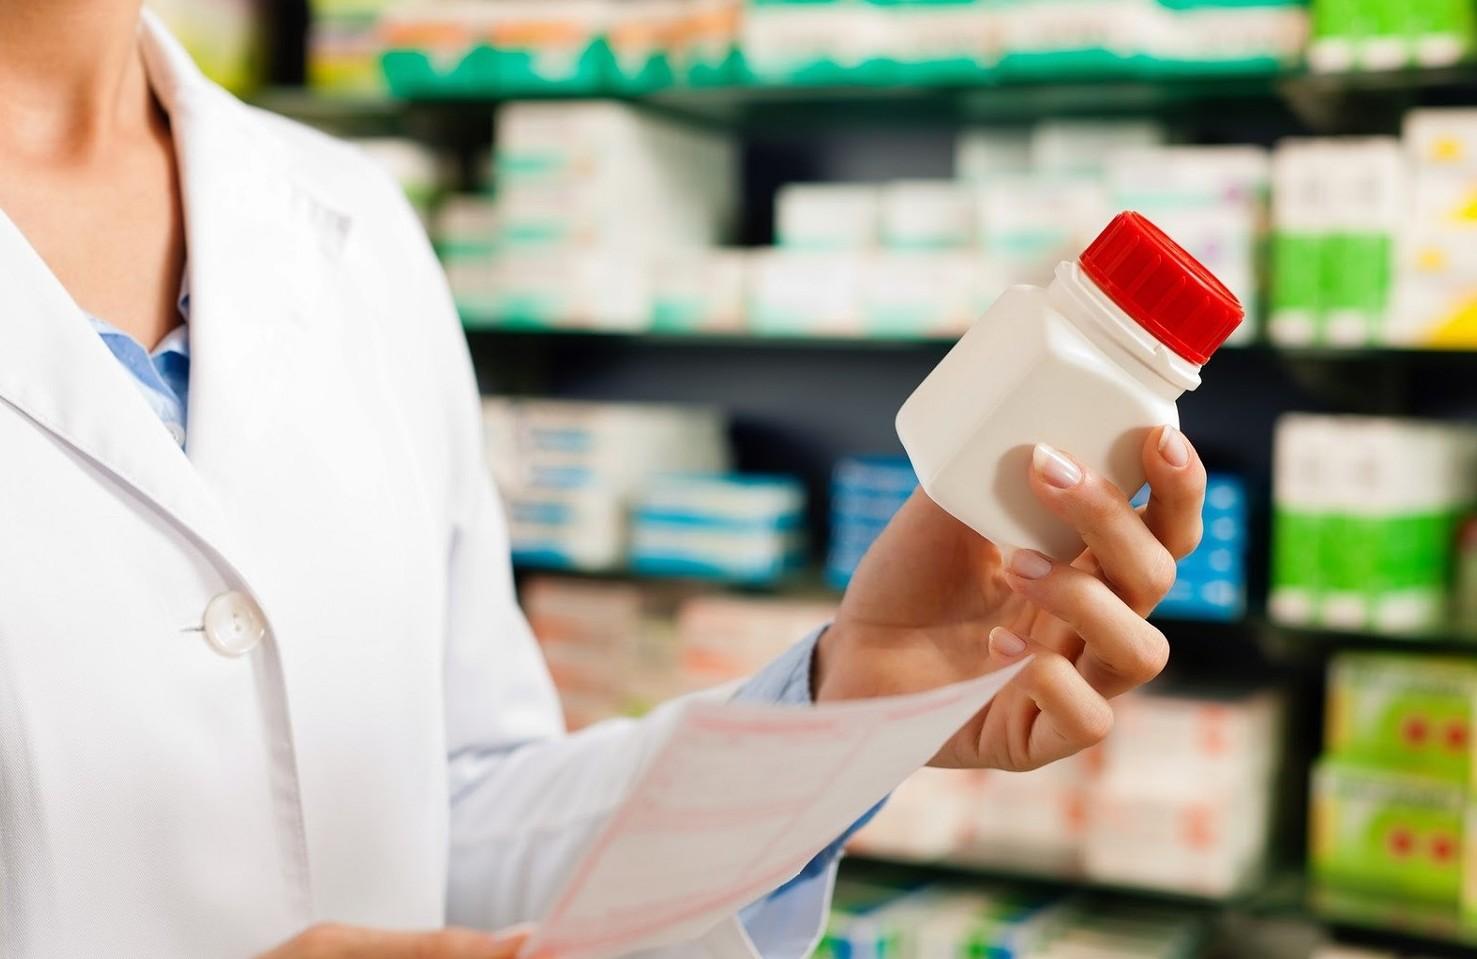 Farmaci e parafarmaci sono detraibili?